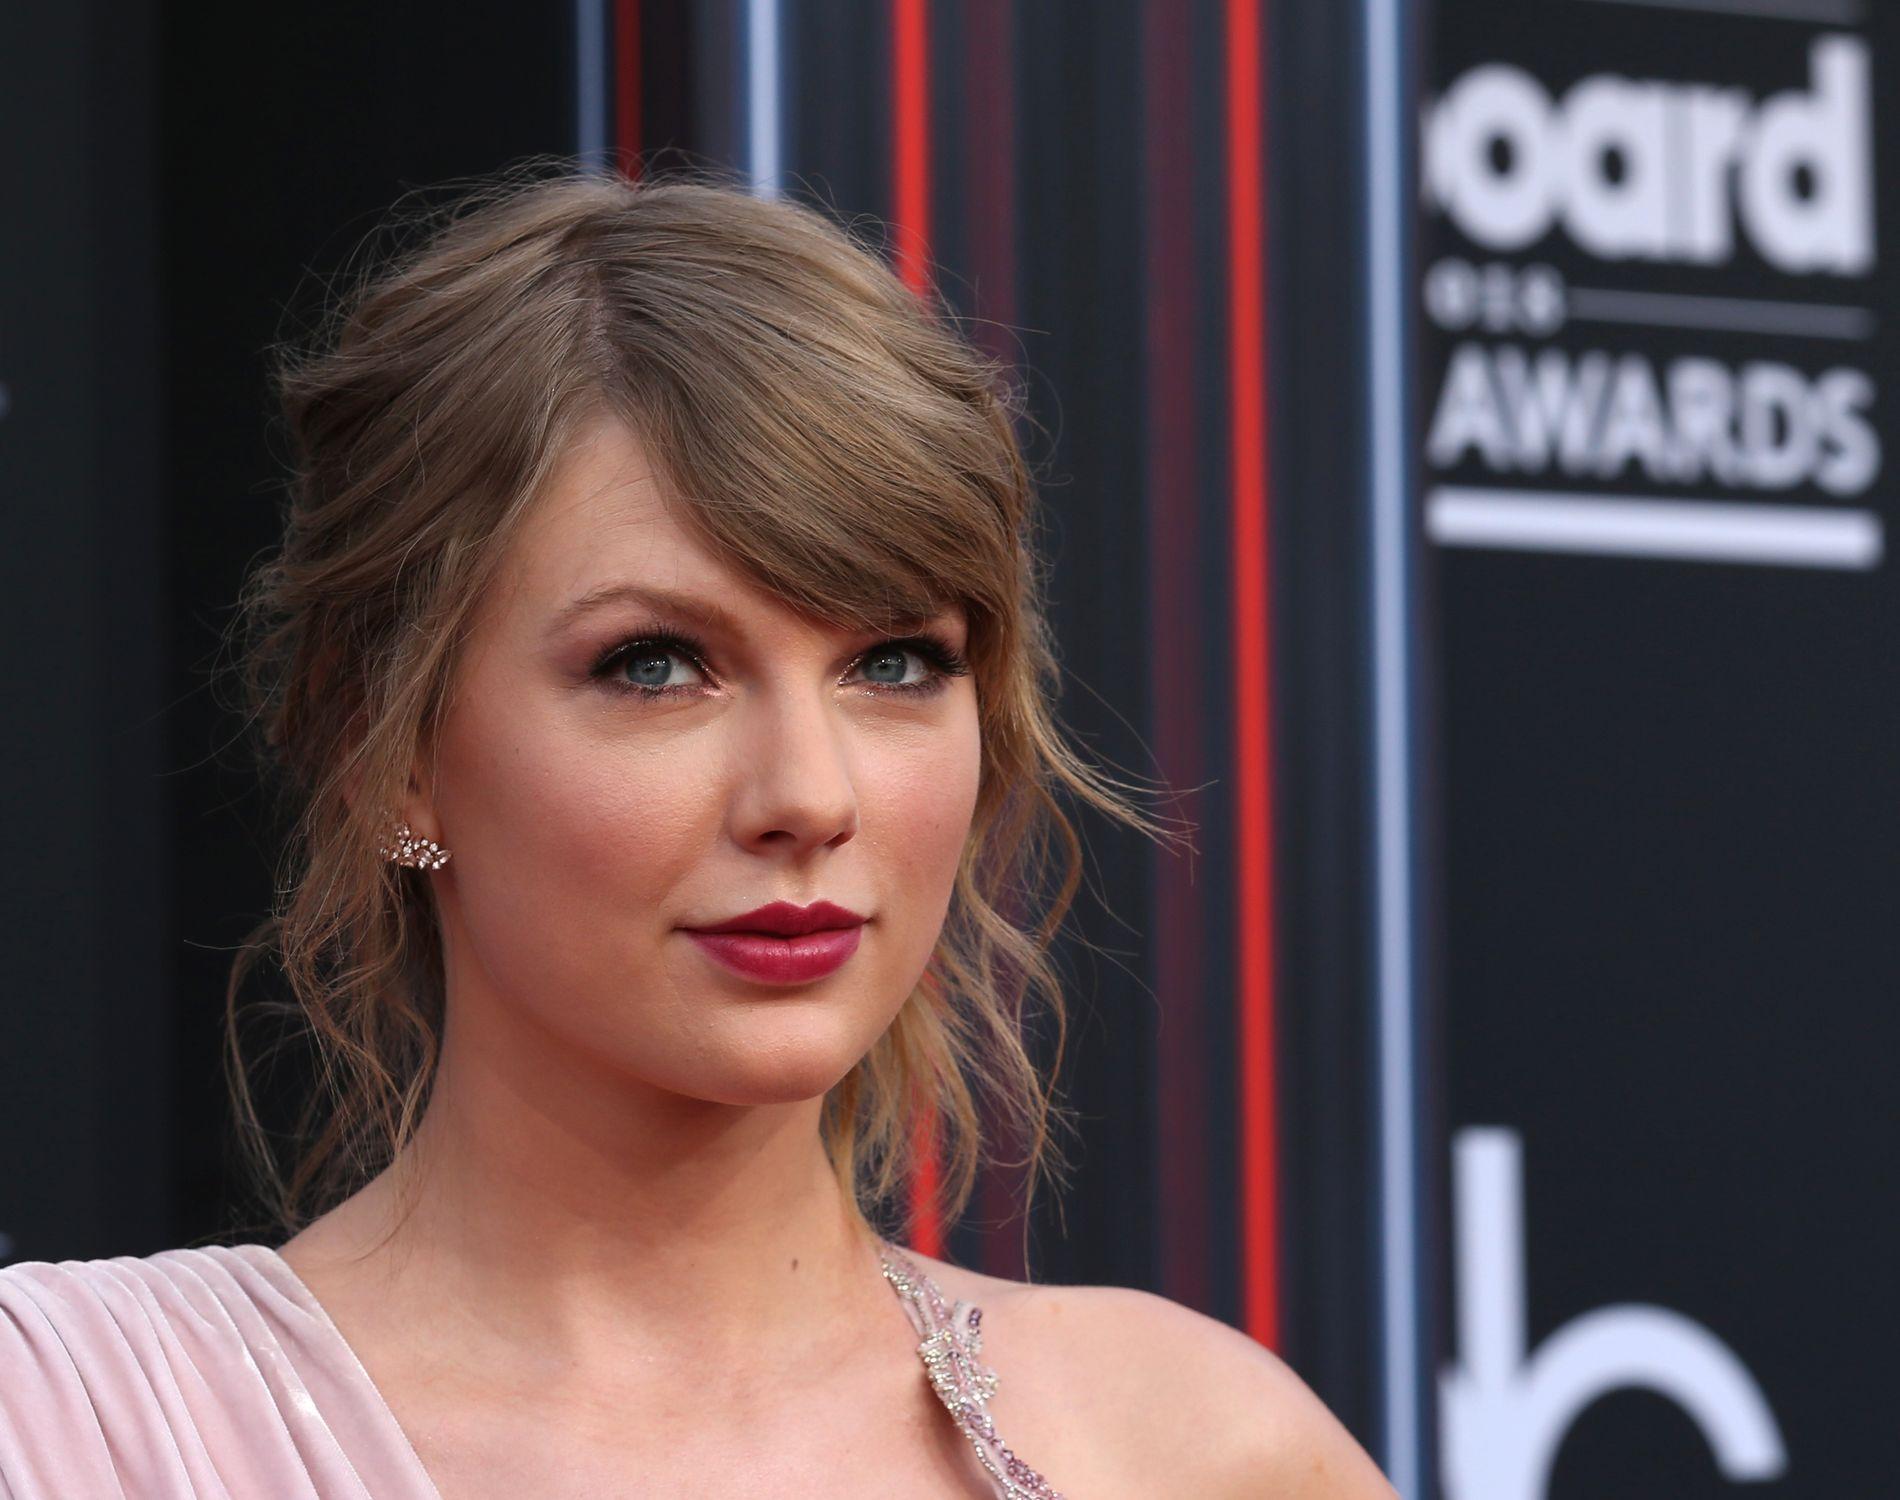 VITNE TIL FRIERE: Da Taylor Swift møtte fansen sin var det to av dem som valgte å gjøre øyeblikket enda mer spesielt.